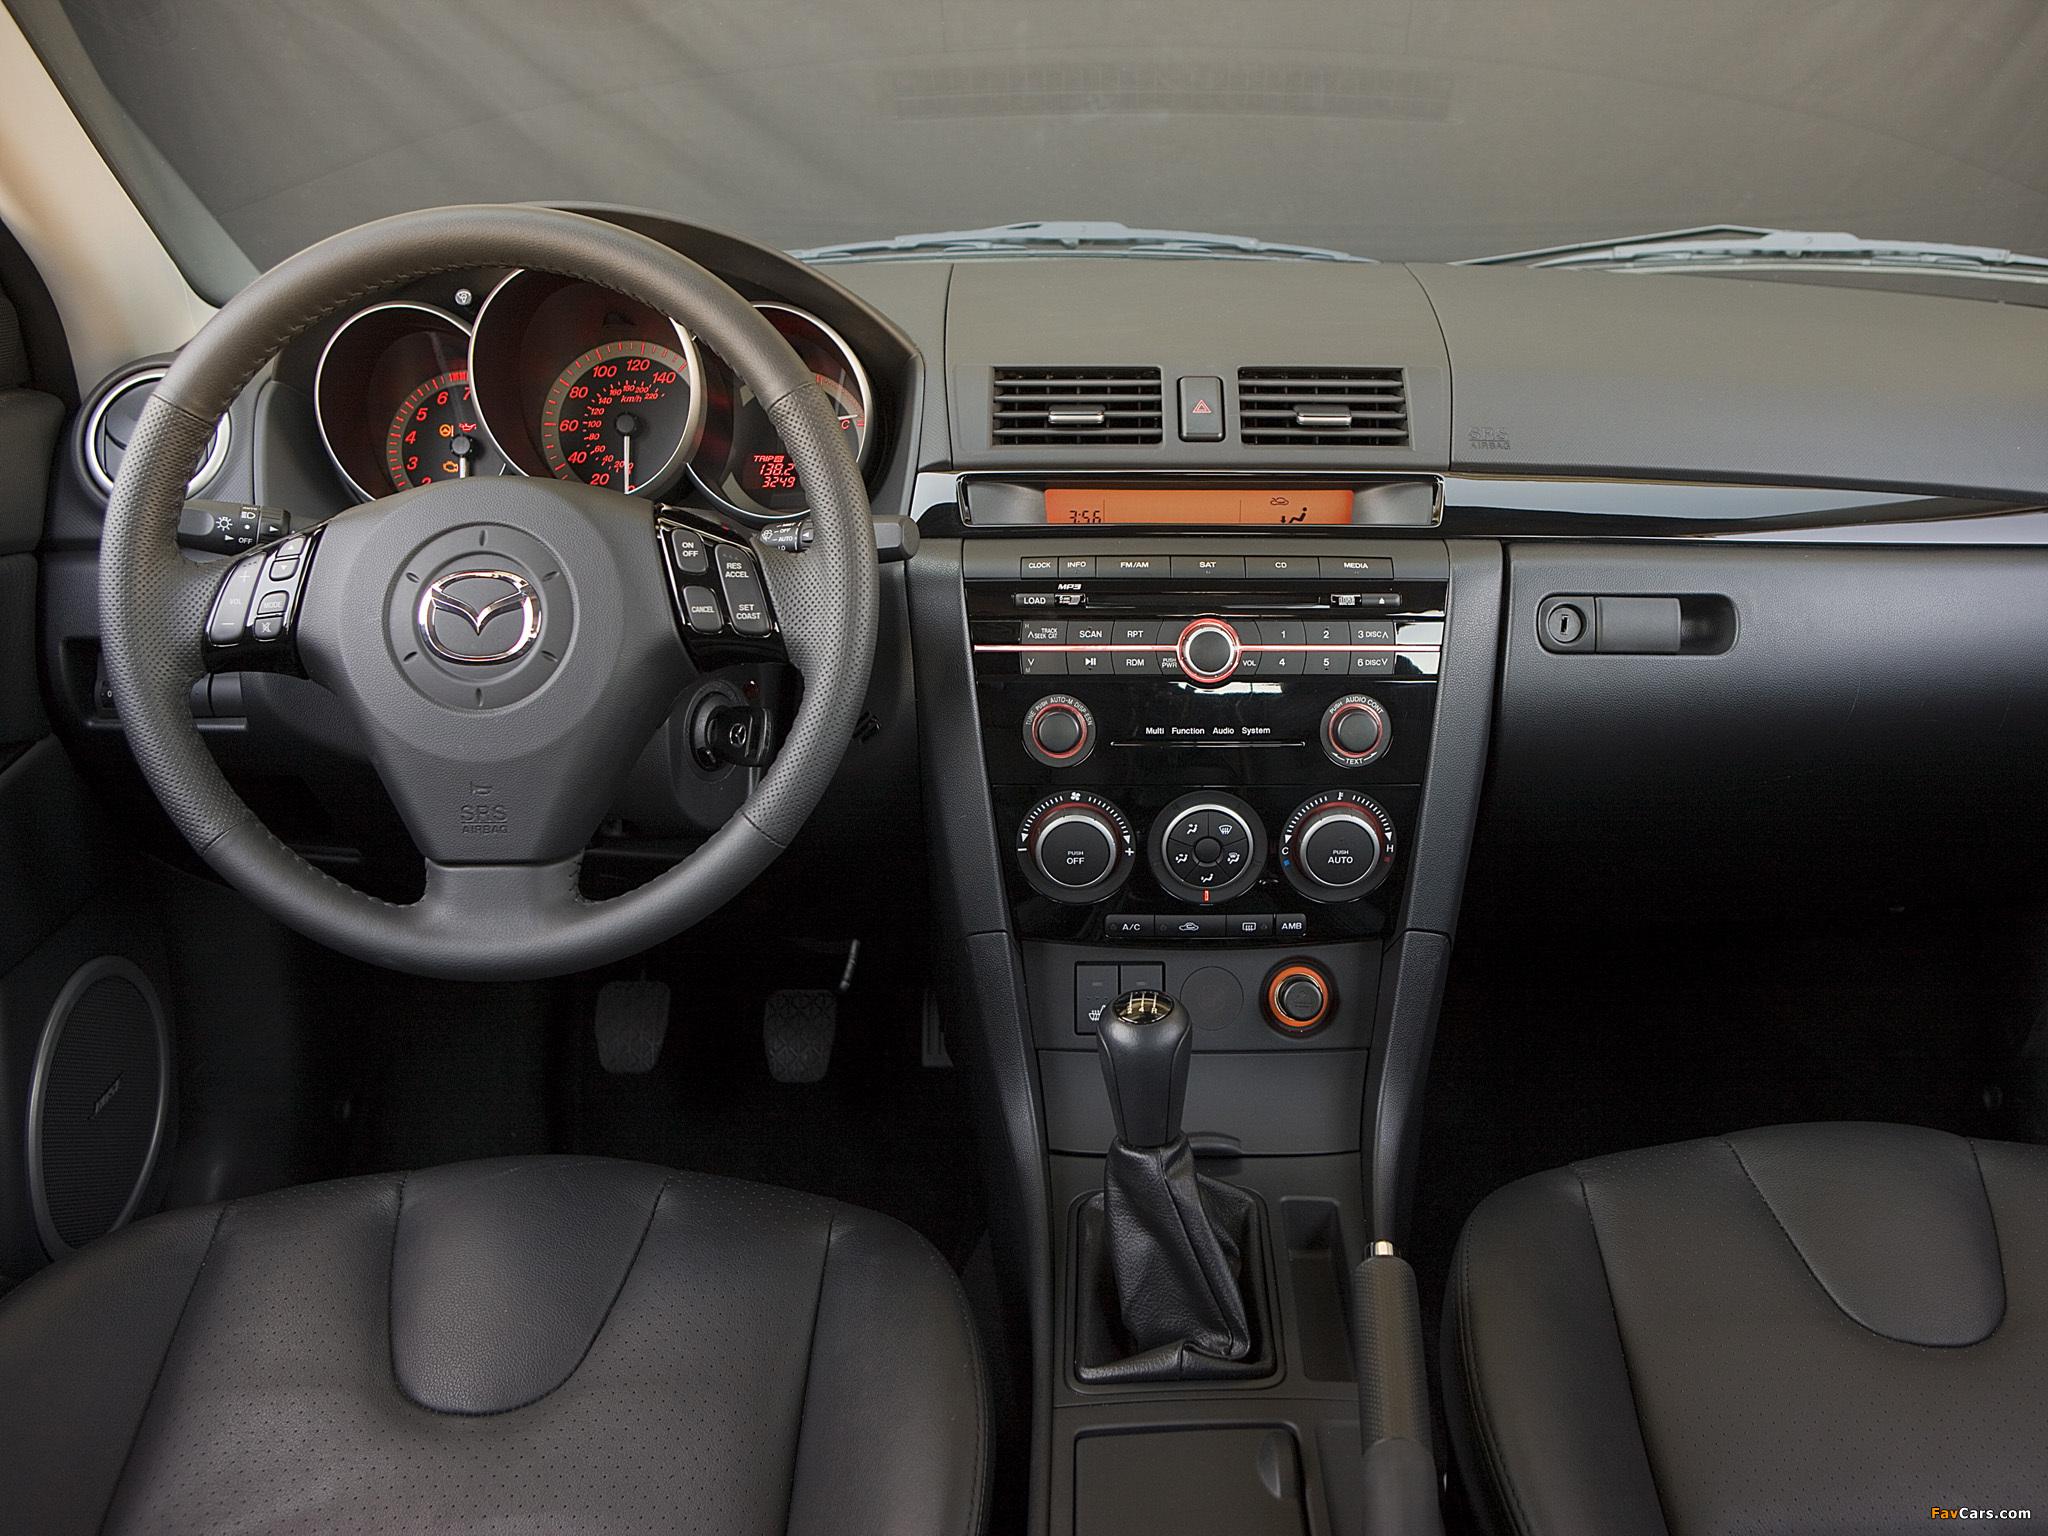 Ремонт вентилятора кондиционера на Mazda 3 (I)